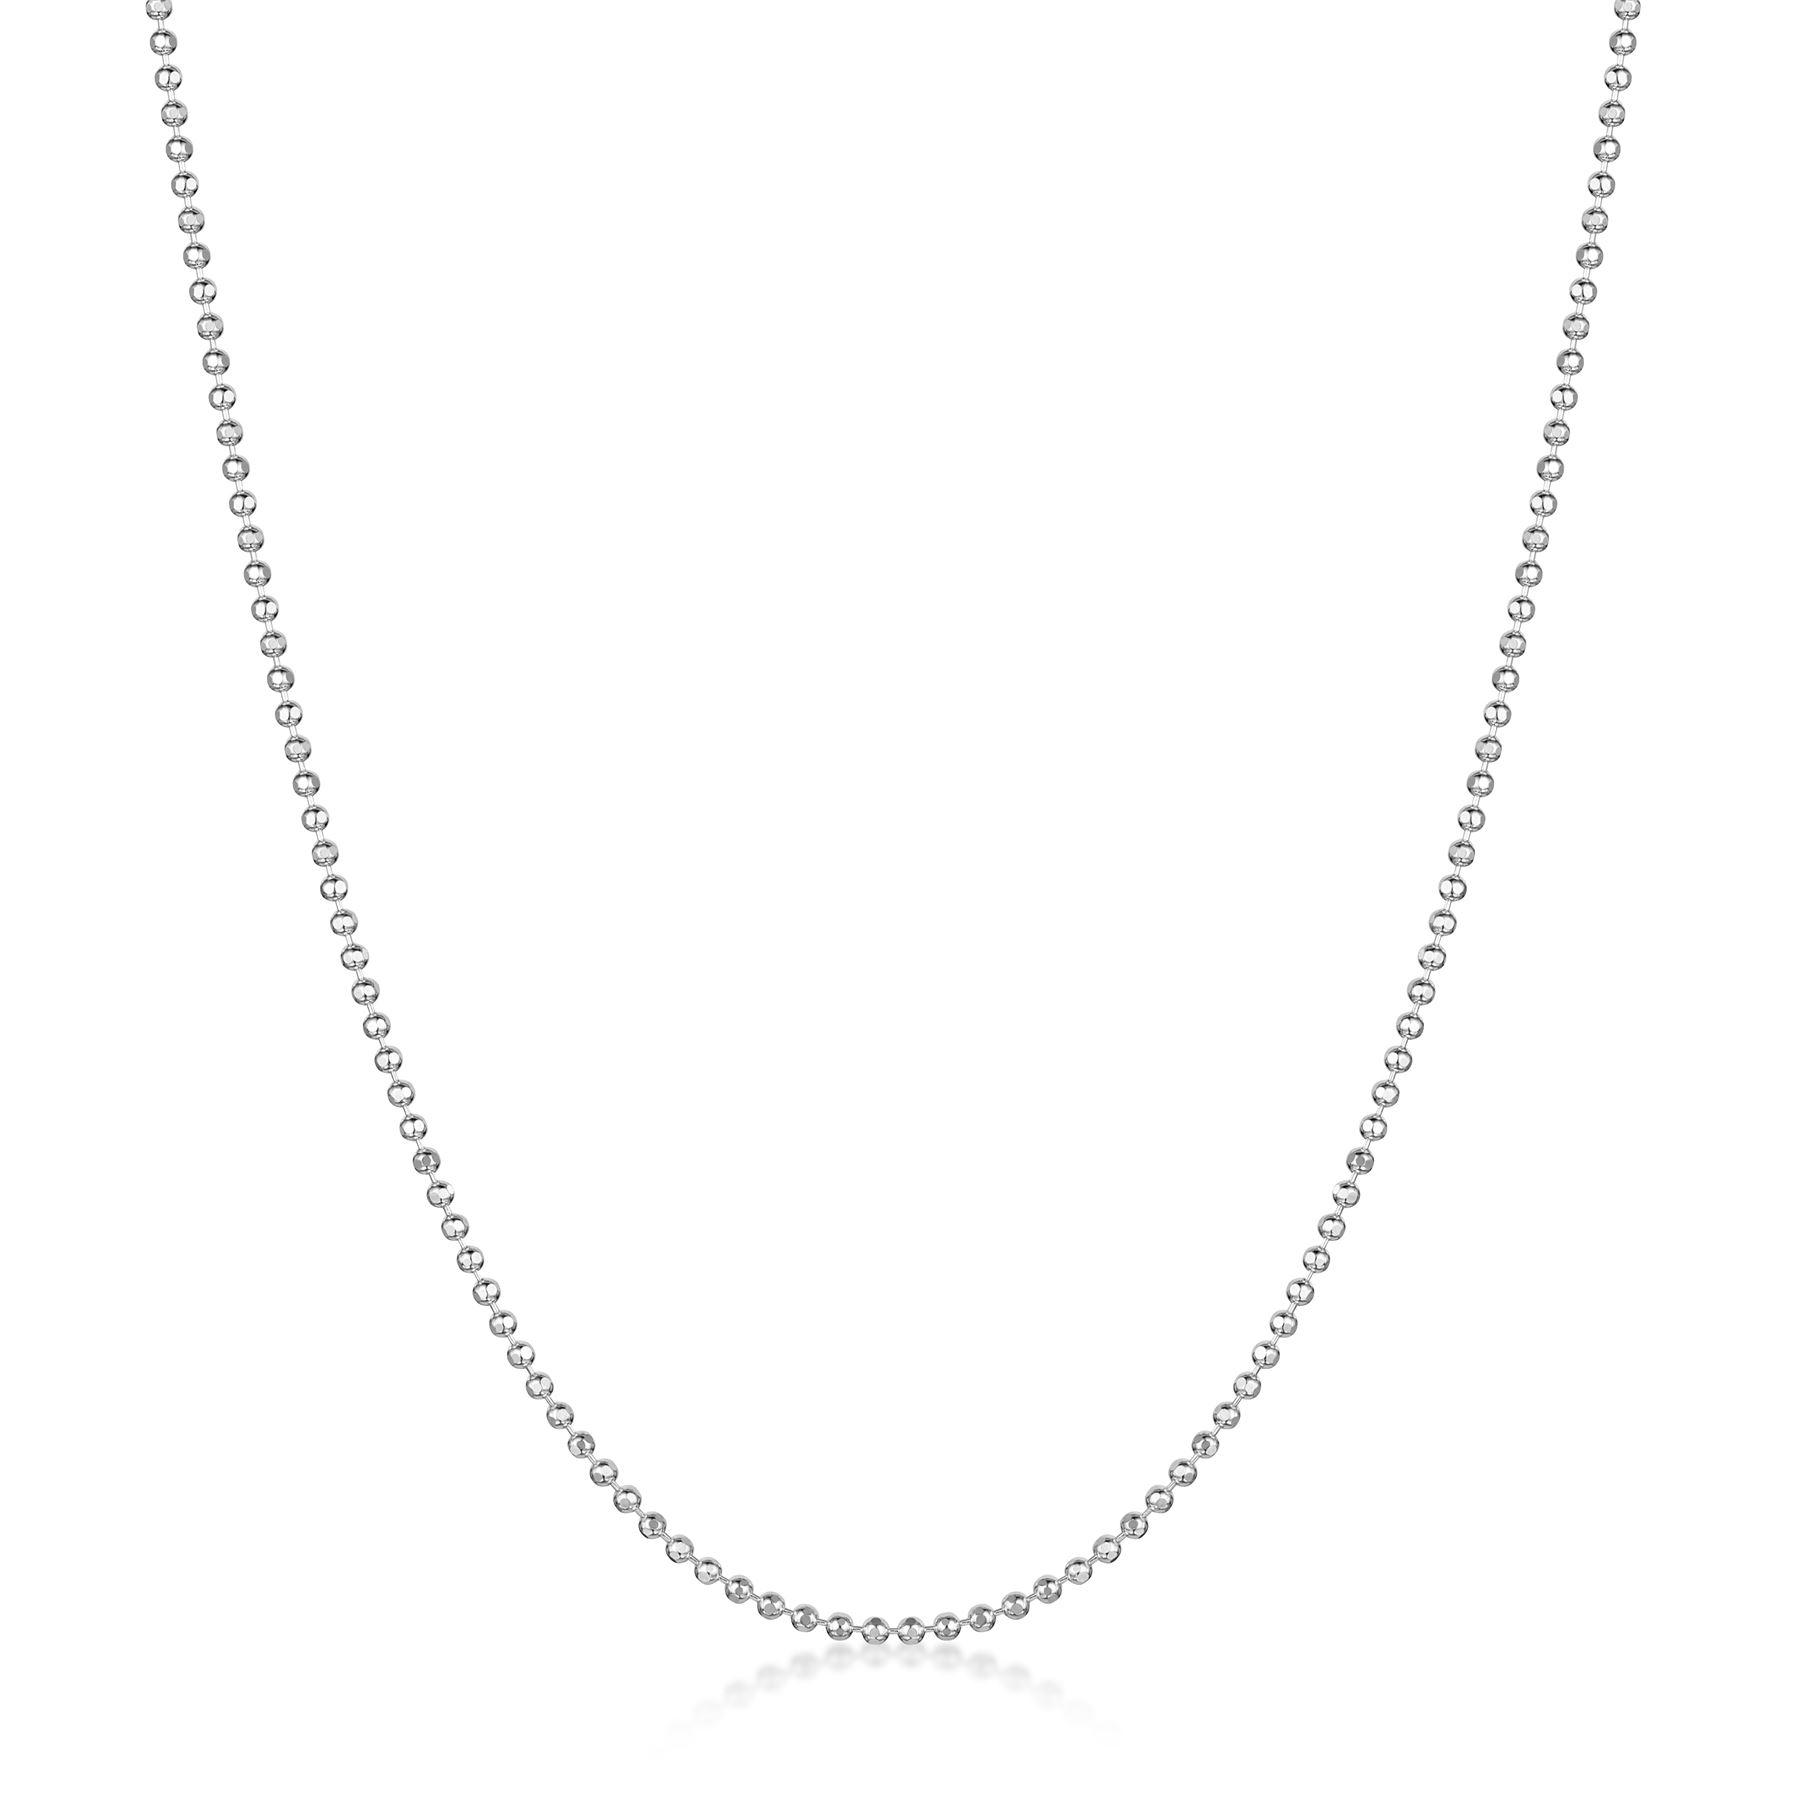 Amberta-Collar-en-Autentica-Plata-De-Ley-925-Cadena-de-Bola-Elegante-para-Mujer miniatura 6